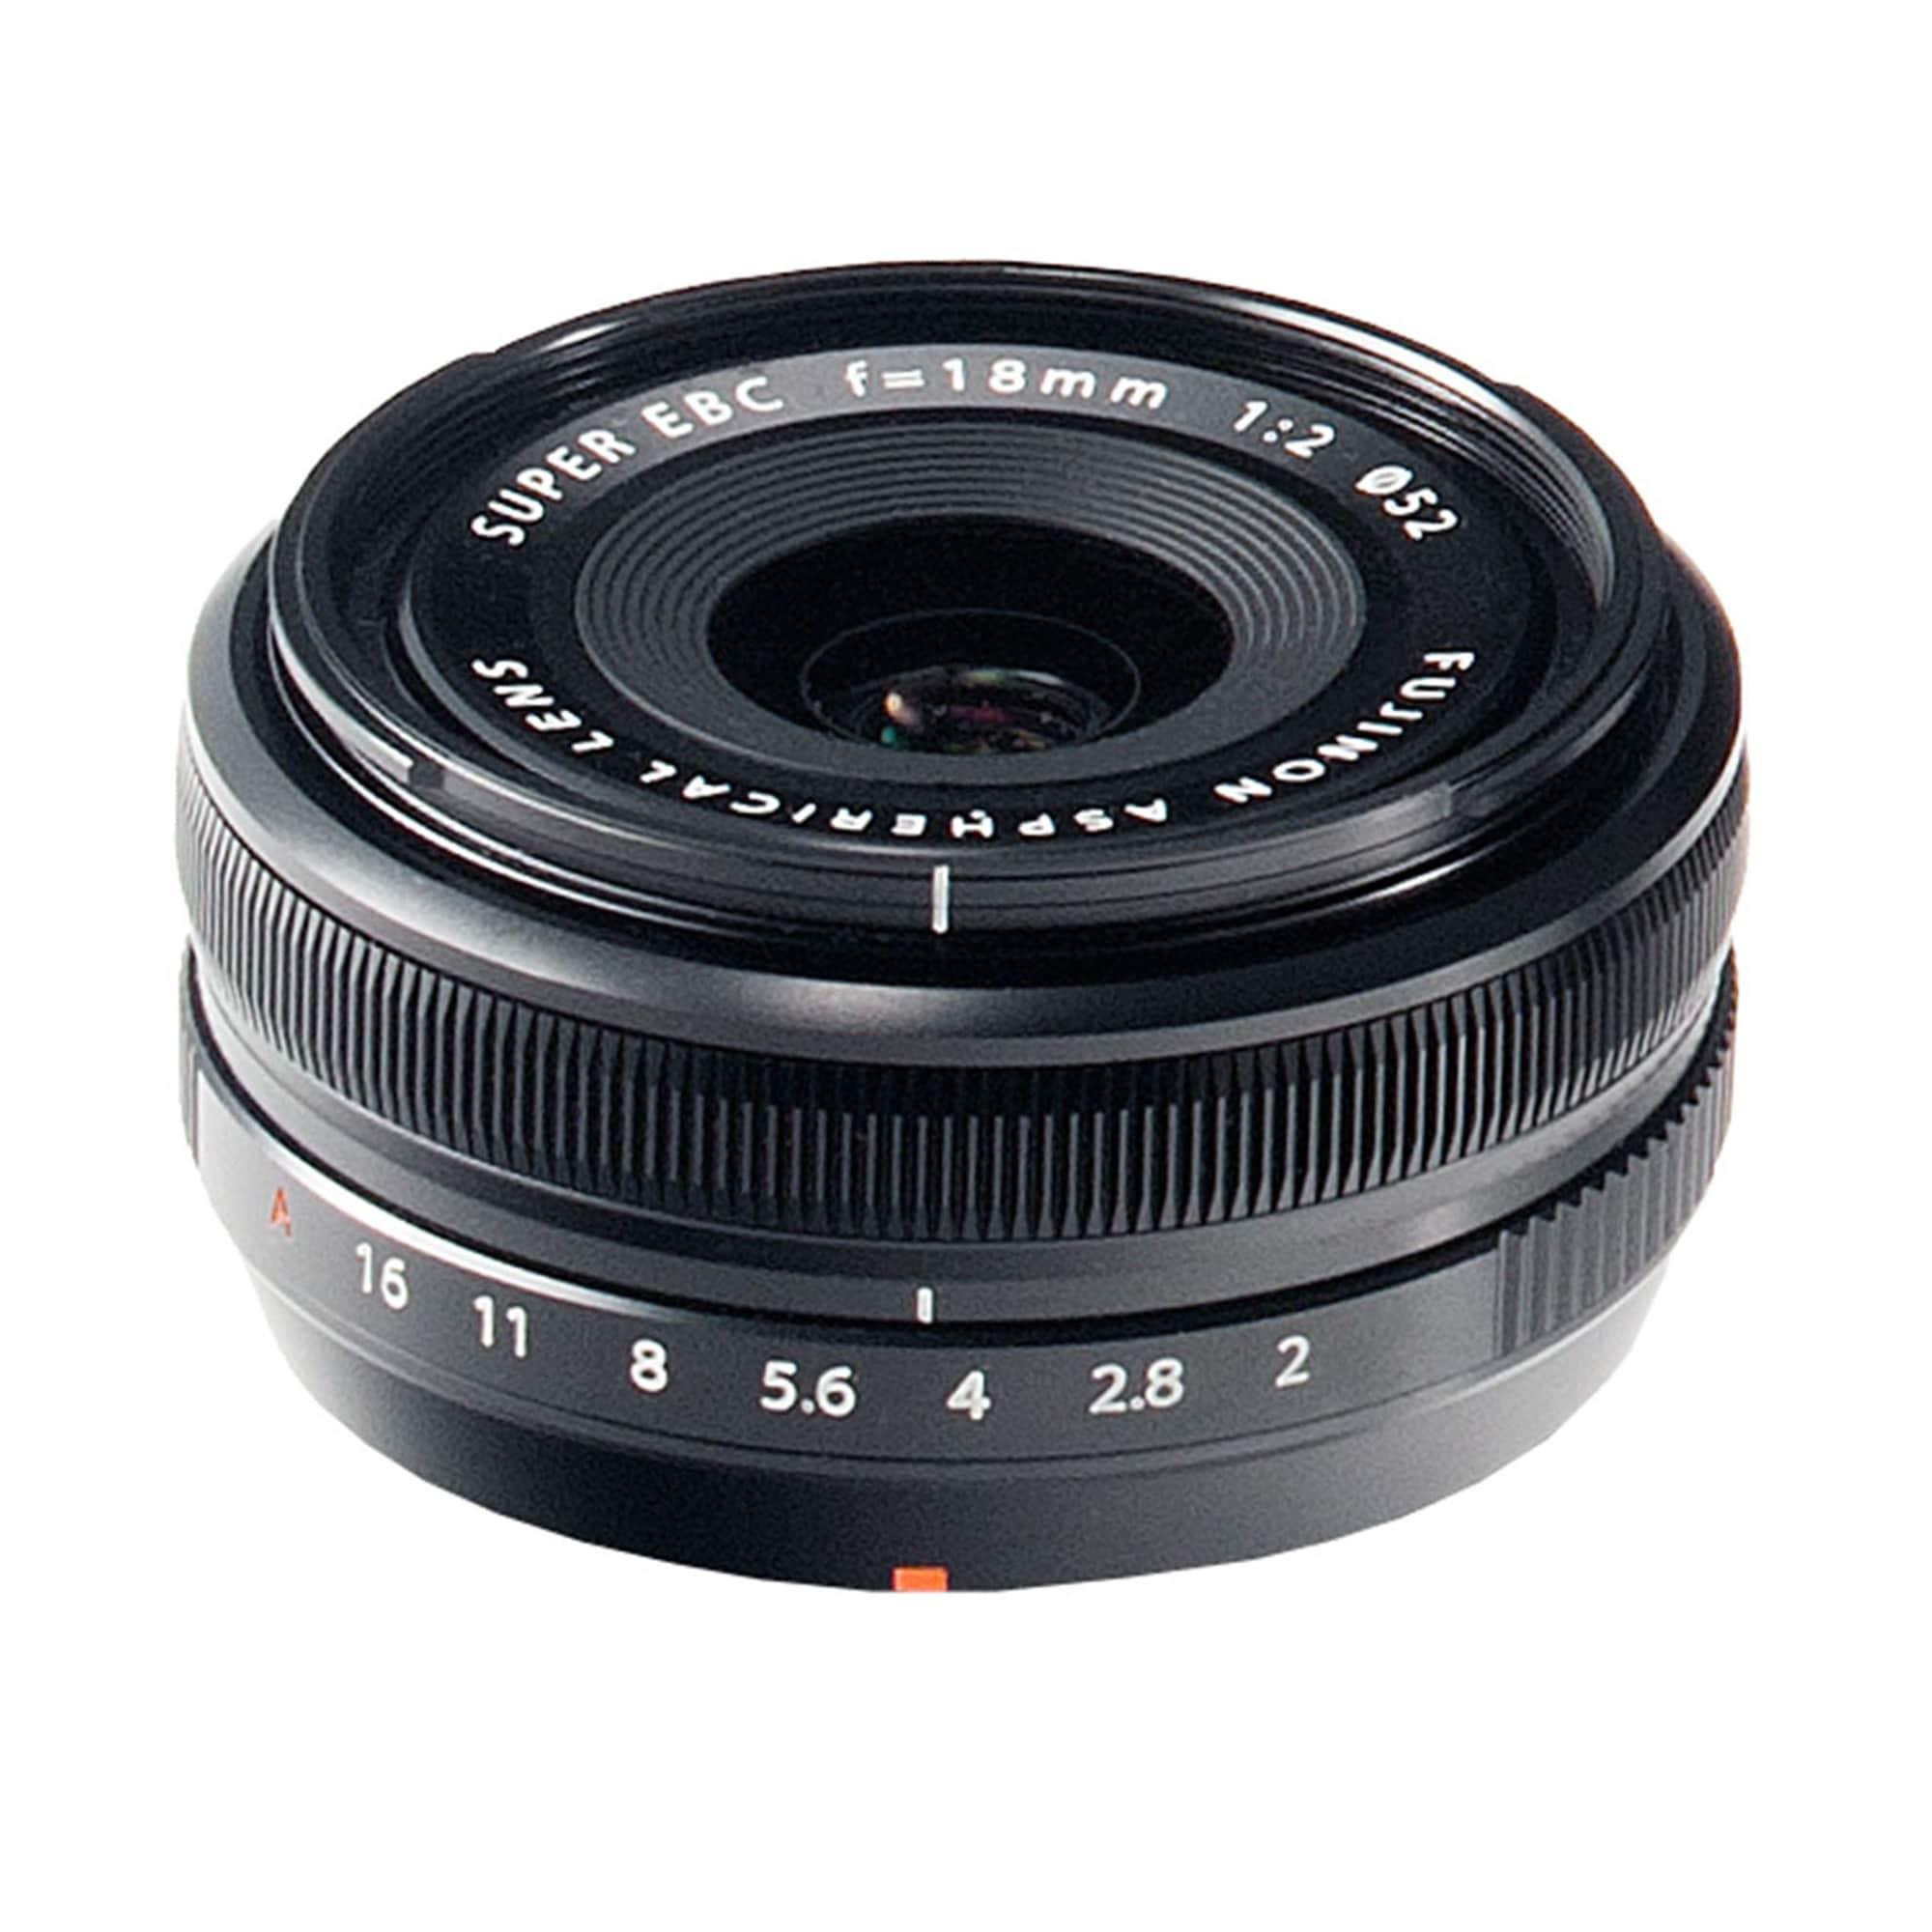 Fujifilm Fujinon 18mm f/2,0 - BULK